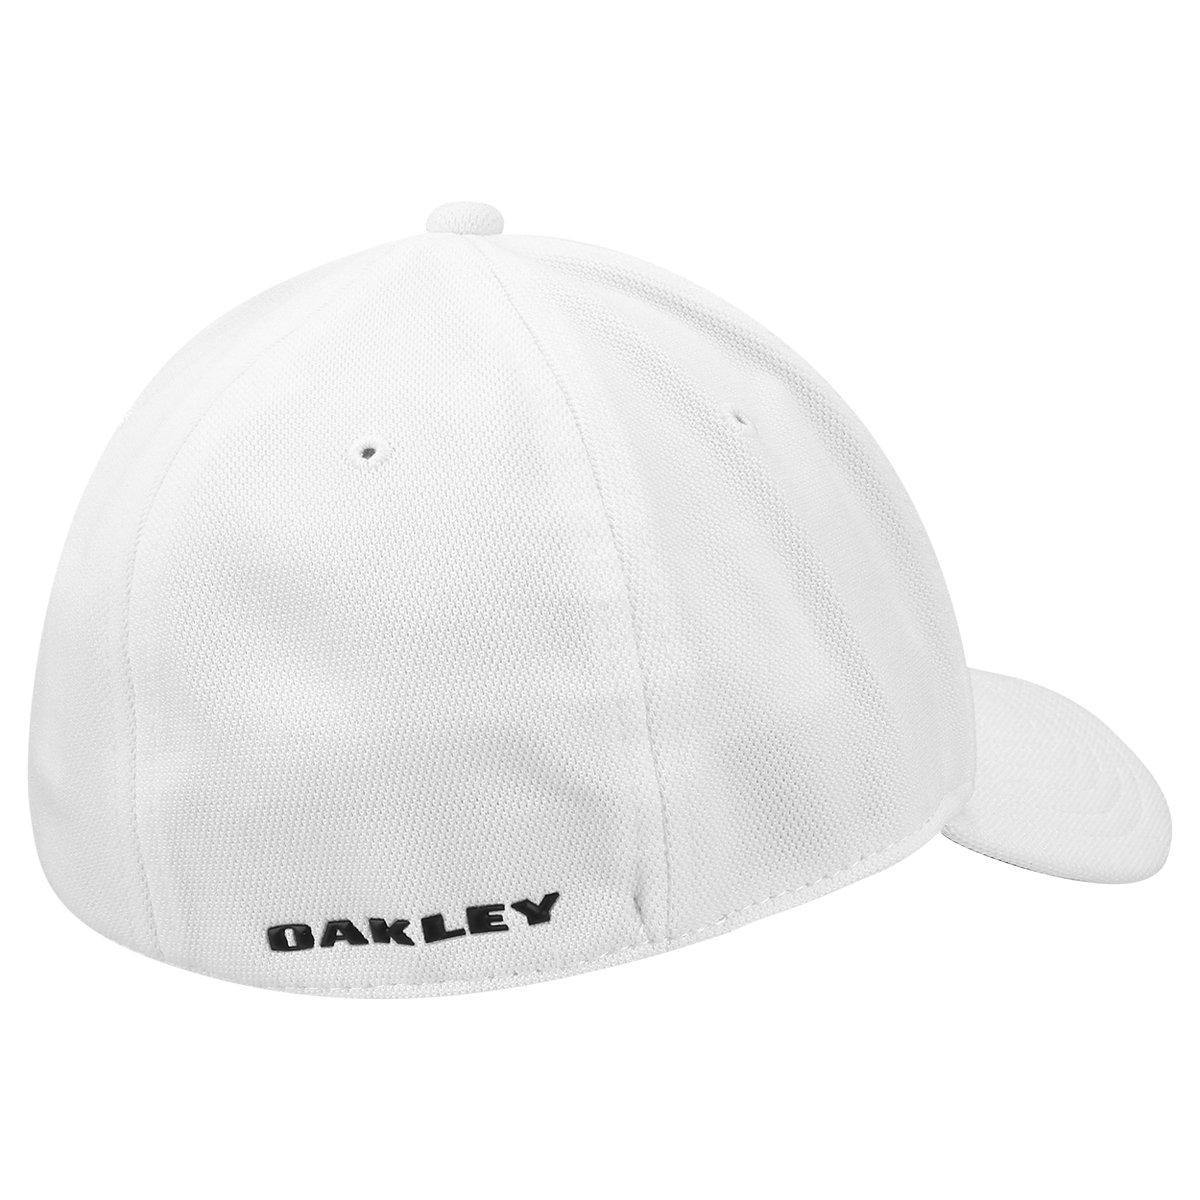 Boné Oakley Aba Curva Mod Silicon Ellipse Masculino - Branco ... fb2ef5ed3533a